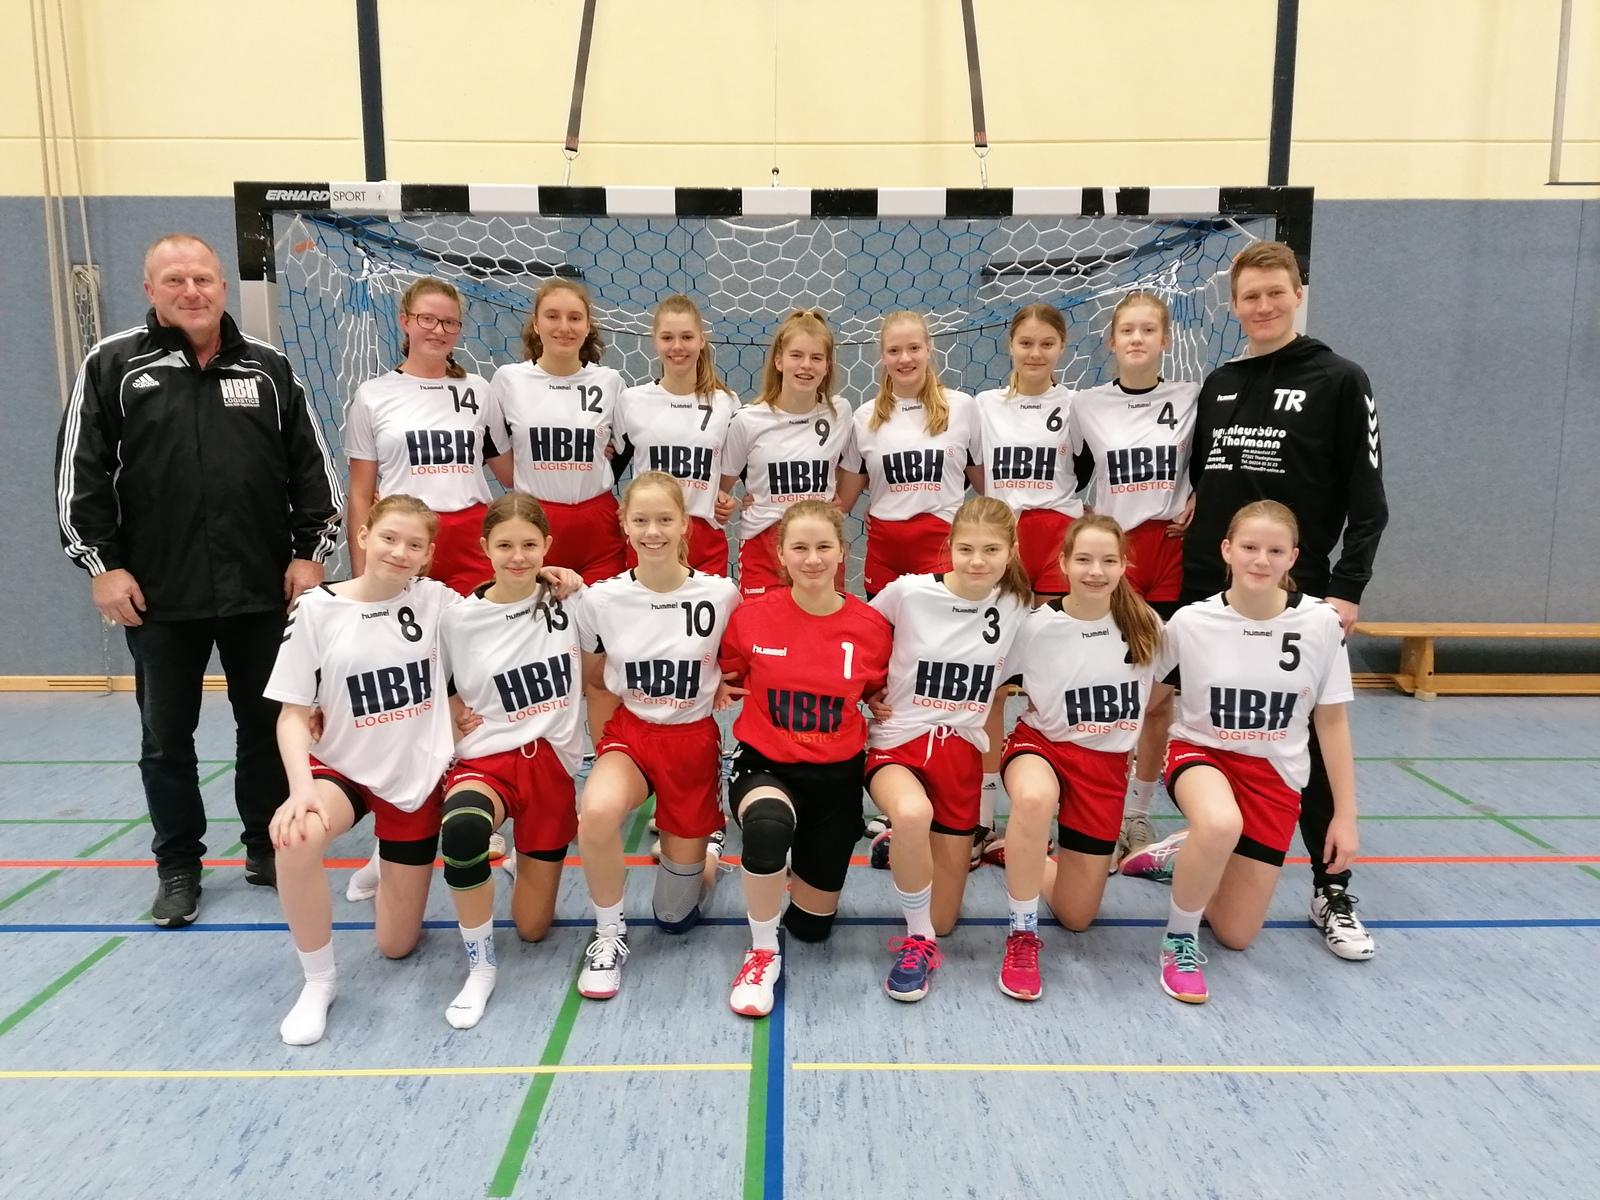 Trikotsponsoring für die Handball Spielgemeinschaft MoIn Wesermarsch